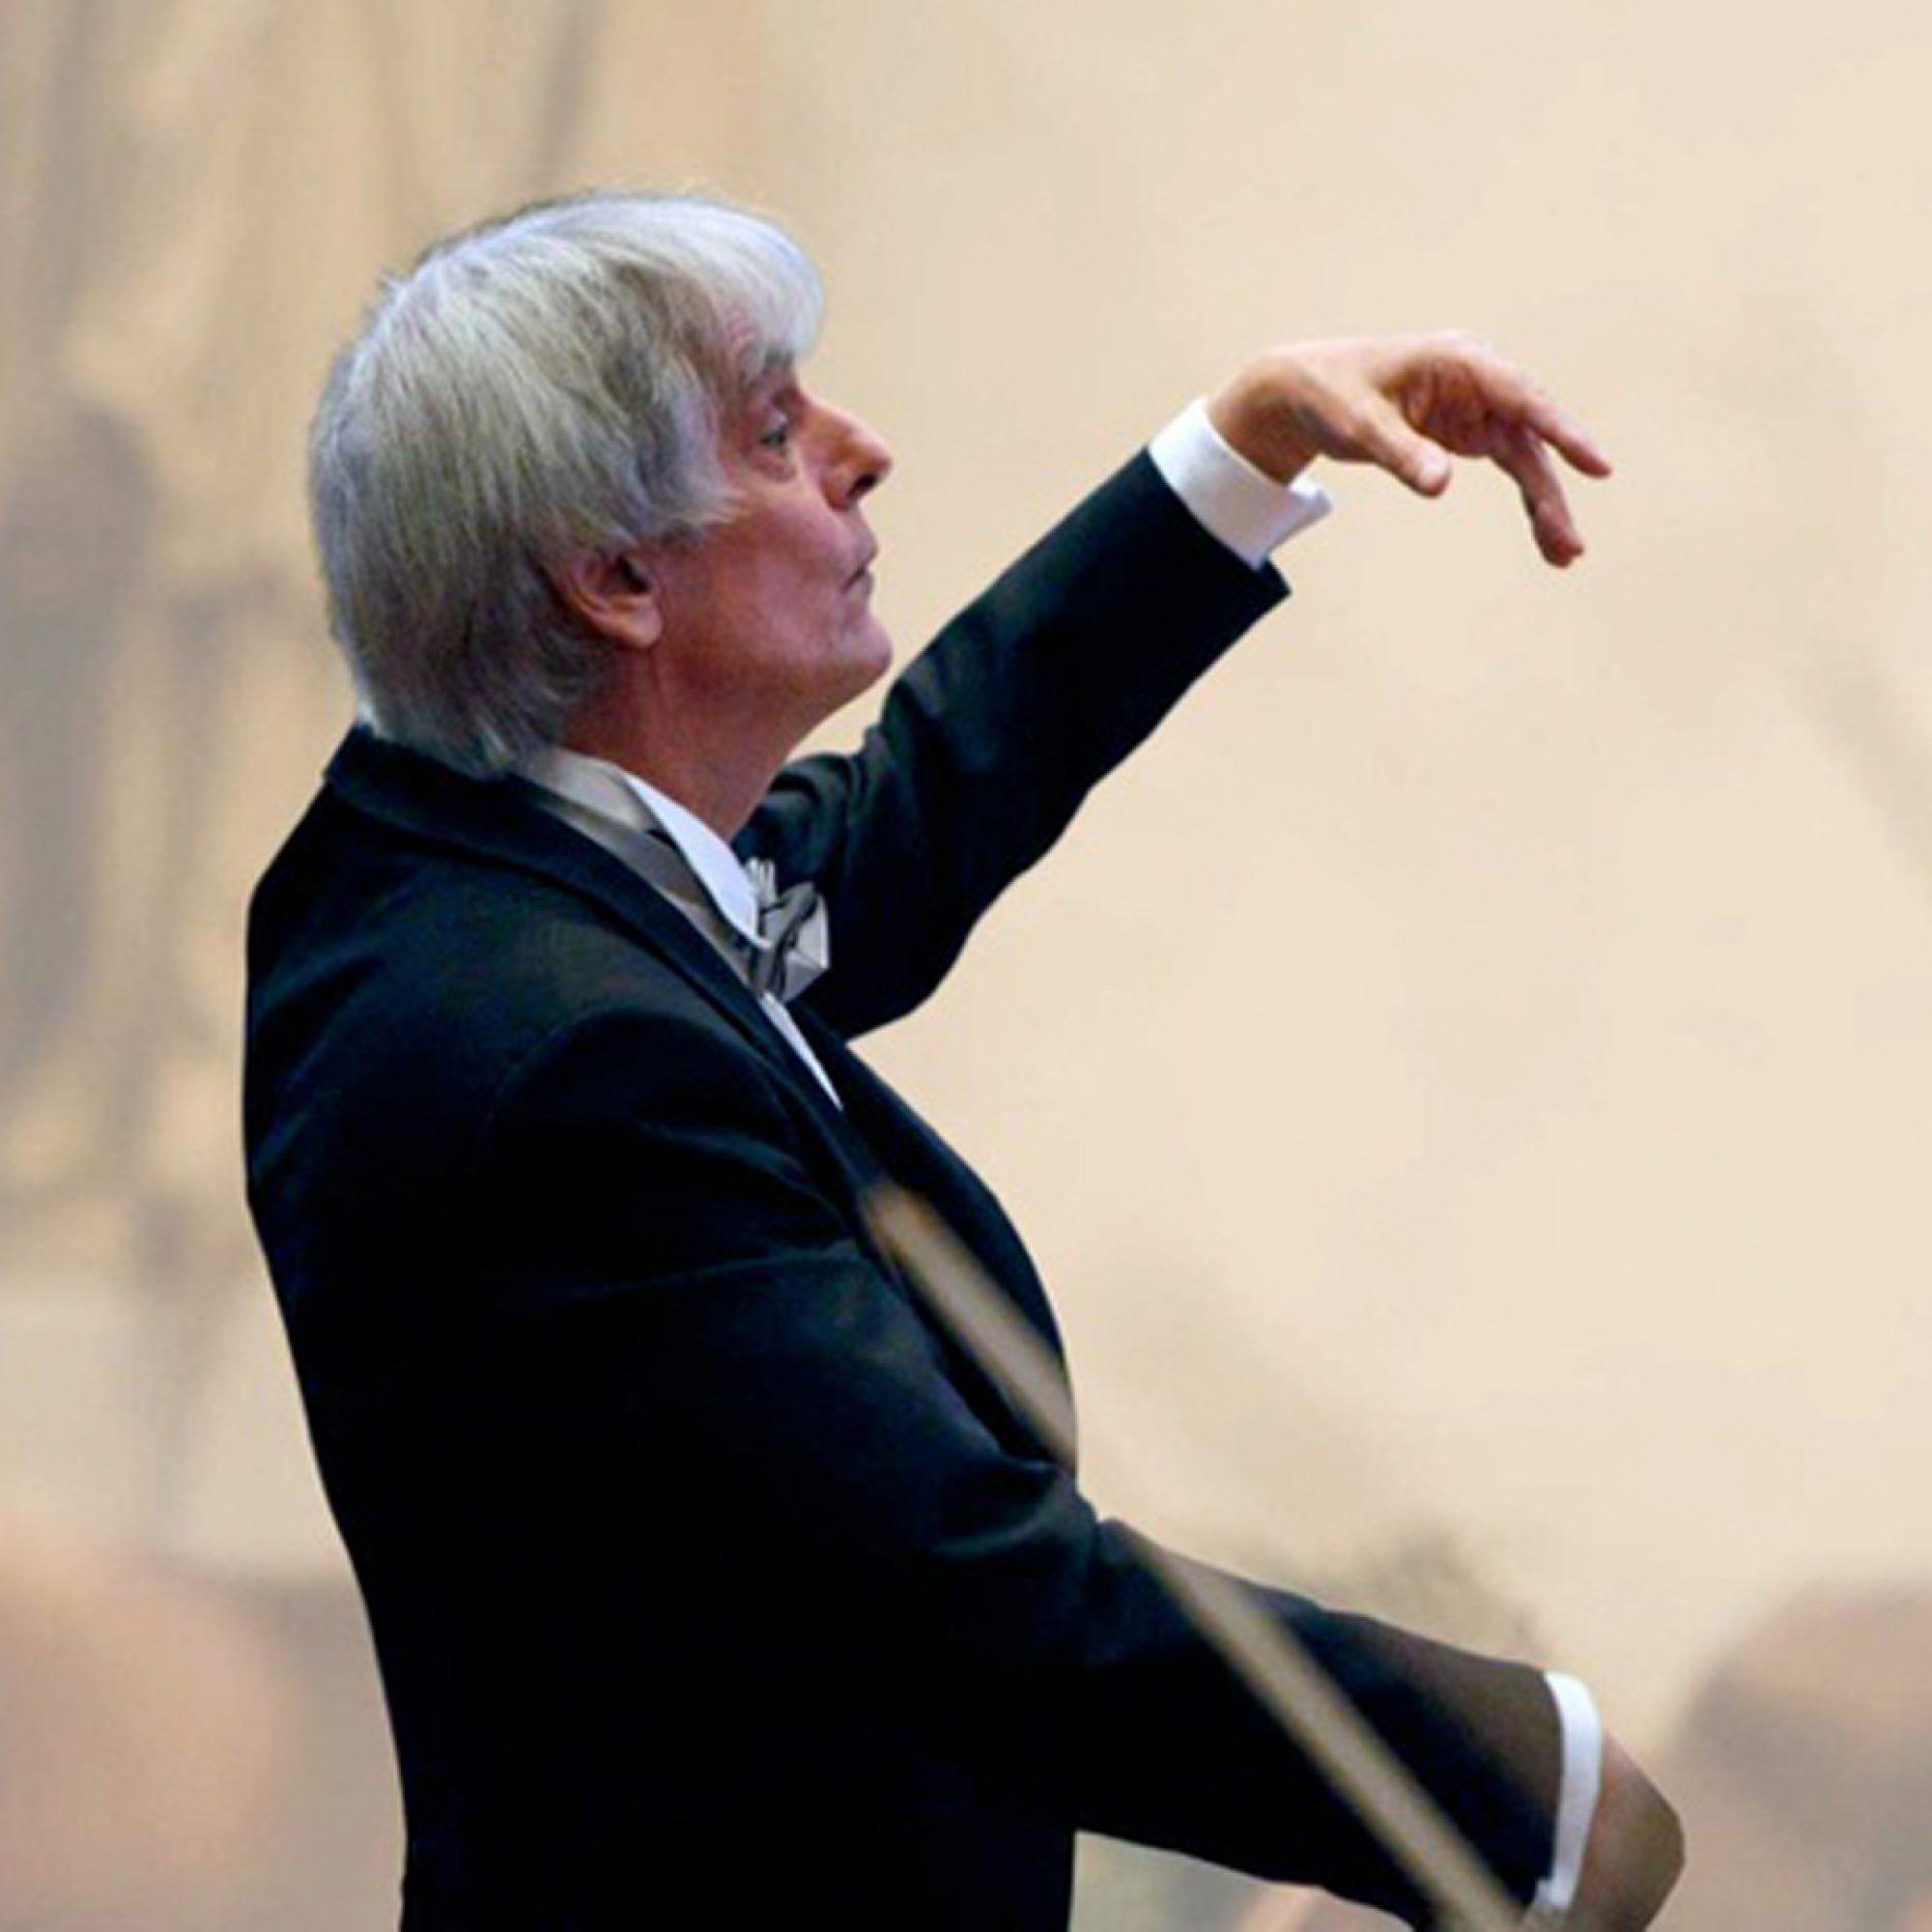 dirigent_joerg_iwer